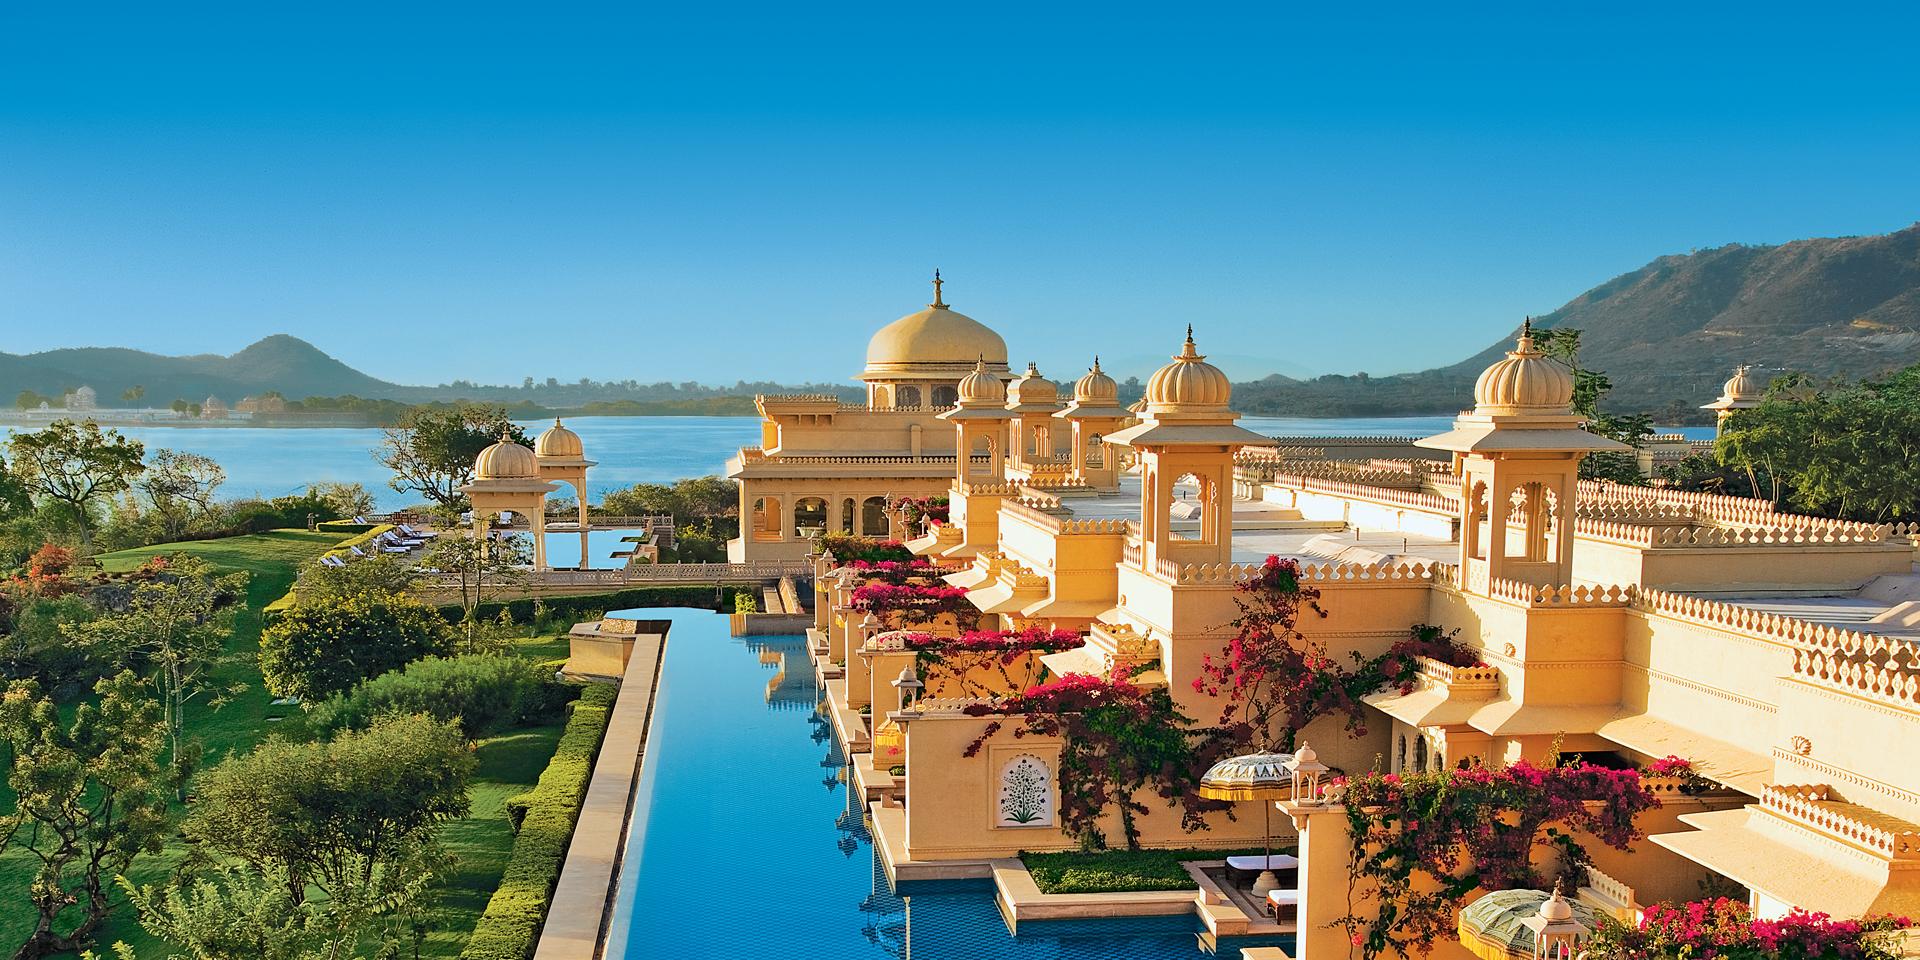 Hoteles oberoi en india reintentando su gran legado - Hotel las gaunas en logrono ...